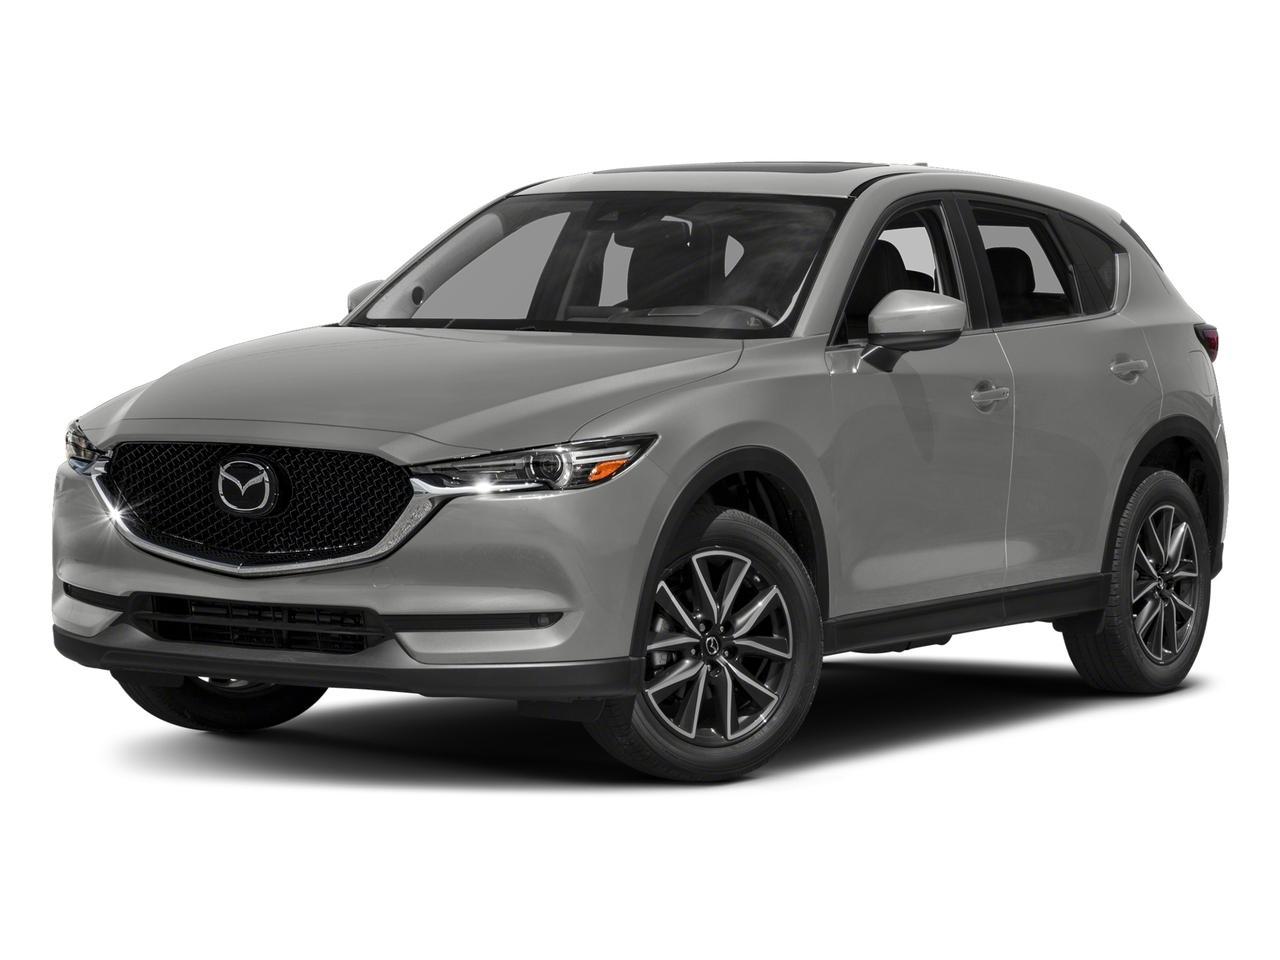 2017 Mazda CX-5 Vehicle Photo in Oshkosh, WI 54904